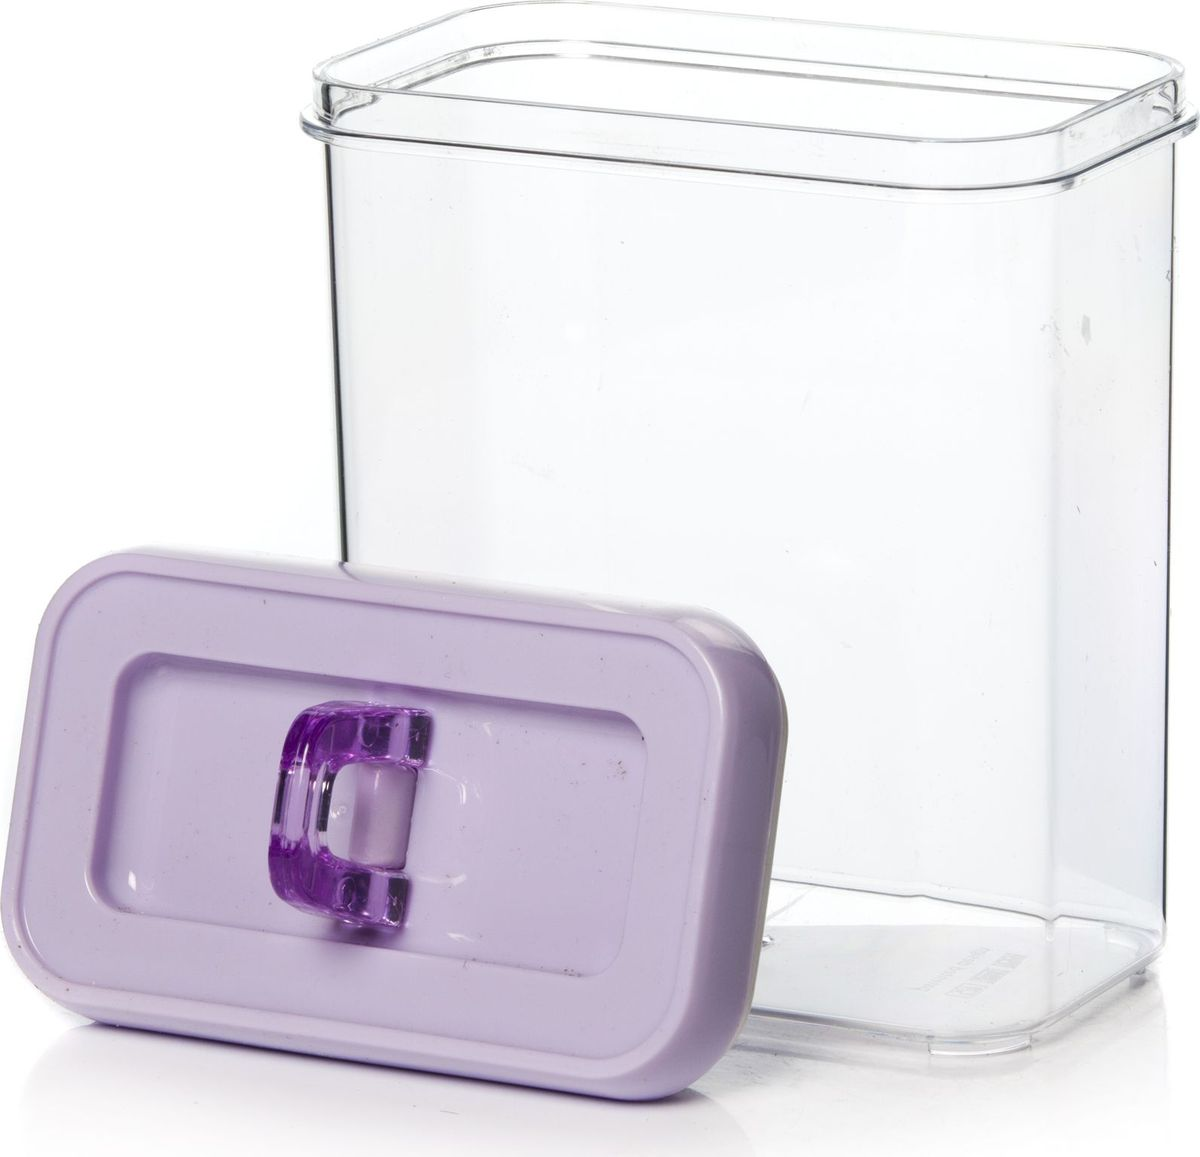 Контейнер для продуктов Herevin, 1,7 л. 161183-033SC-FD421004Контейнер для продуктов Herevin изготовлен из качественного пищевого пластика без содержания BPA. Крышка плотно и герметично закрывается, поэтому продукты дольше остаются свежими. Прозрачные стенки позволяют видеть содержимое. Такой контейнер подойдет для использования дома, его можно взять с собой на работу, учебу, в поездку.